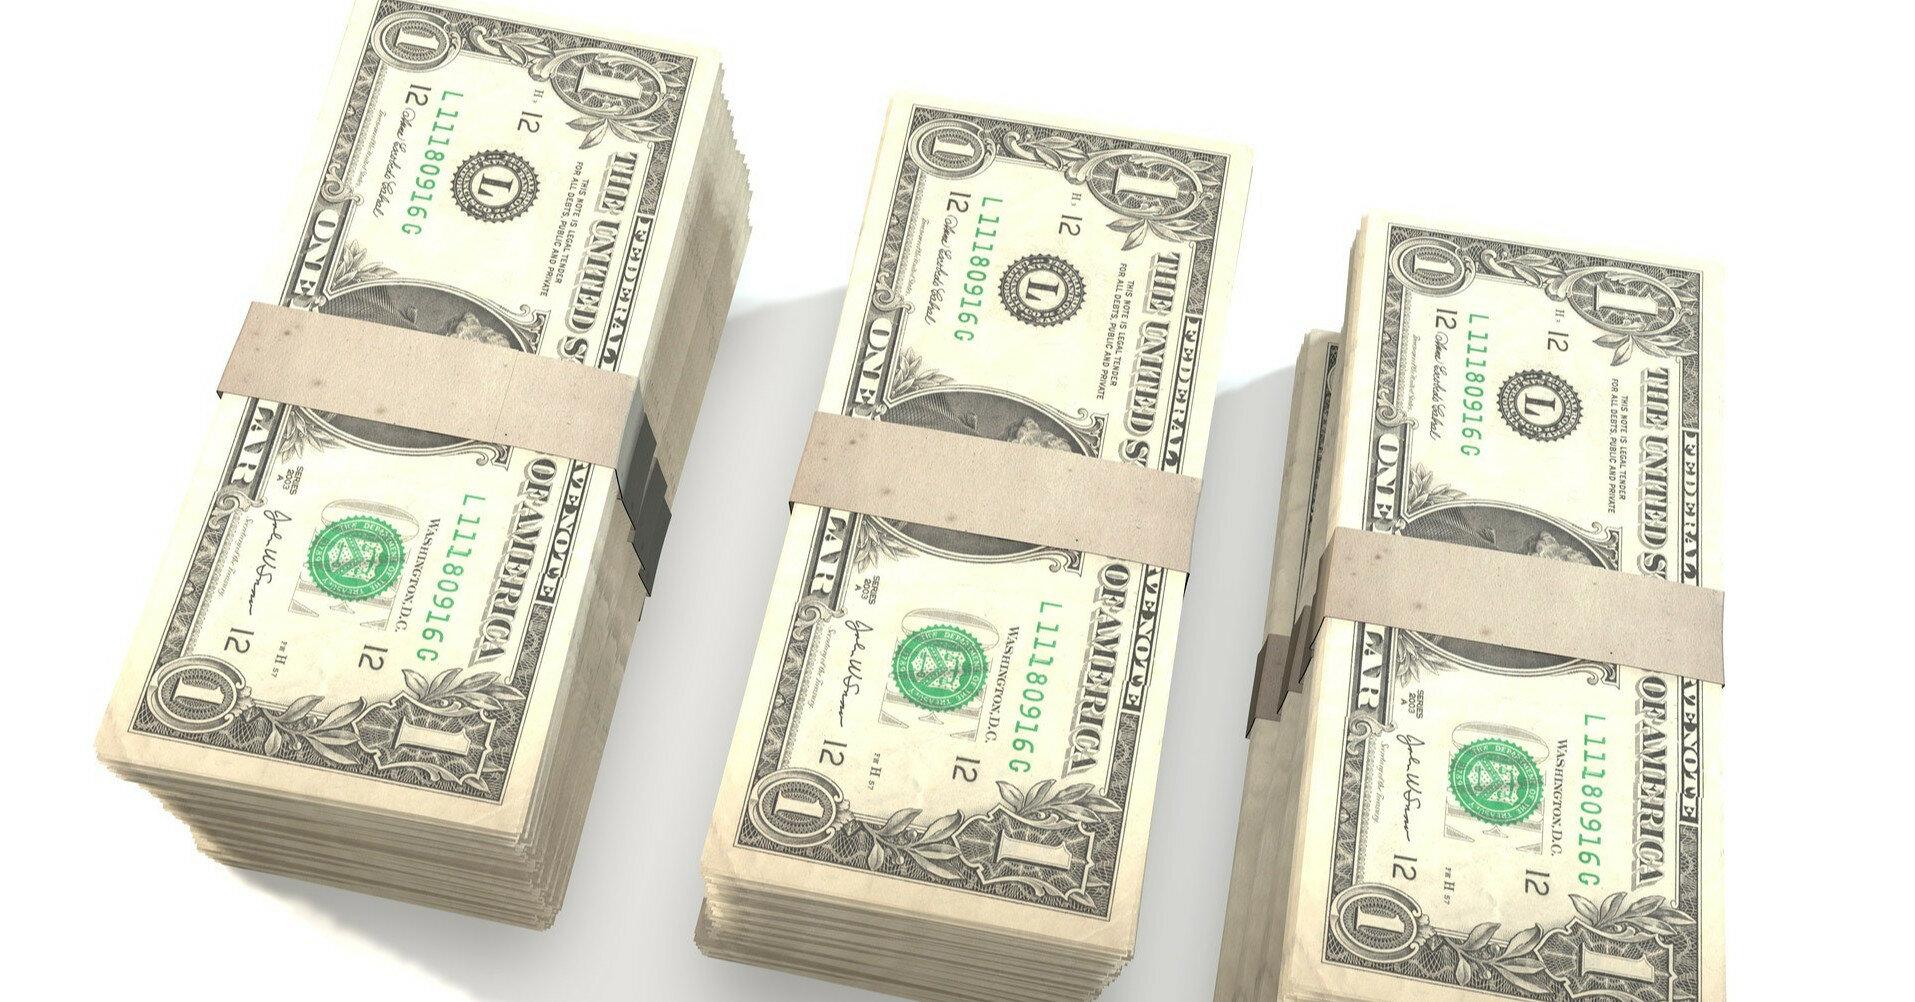 Офис генпрокурора заплатит бизнесмену $1000 за новую эмблему